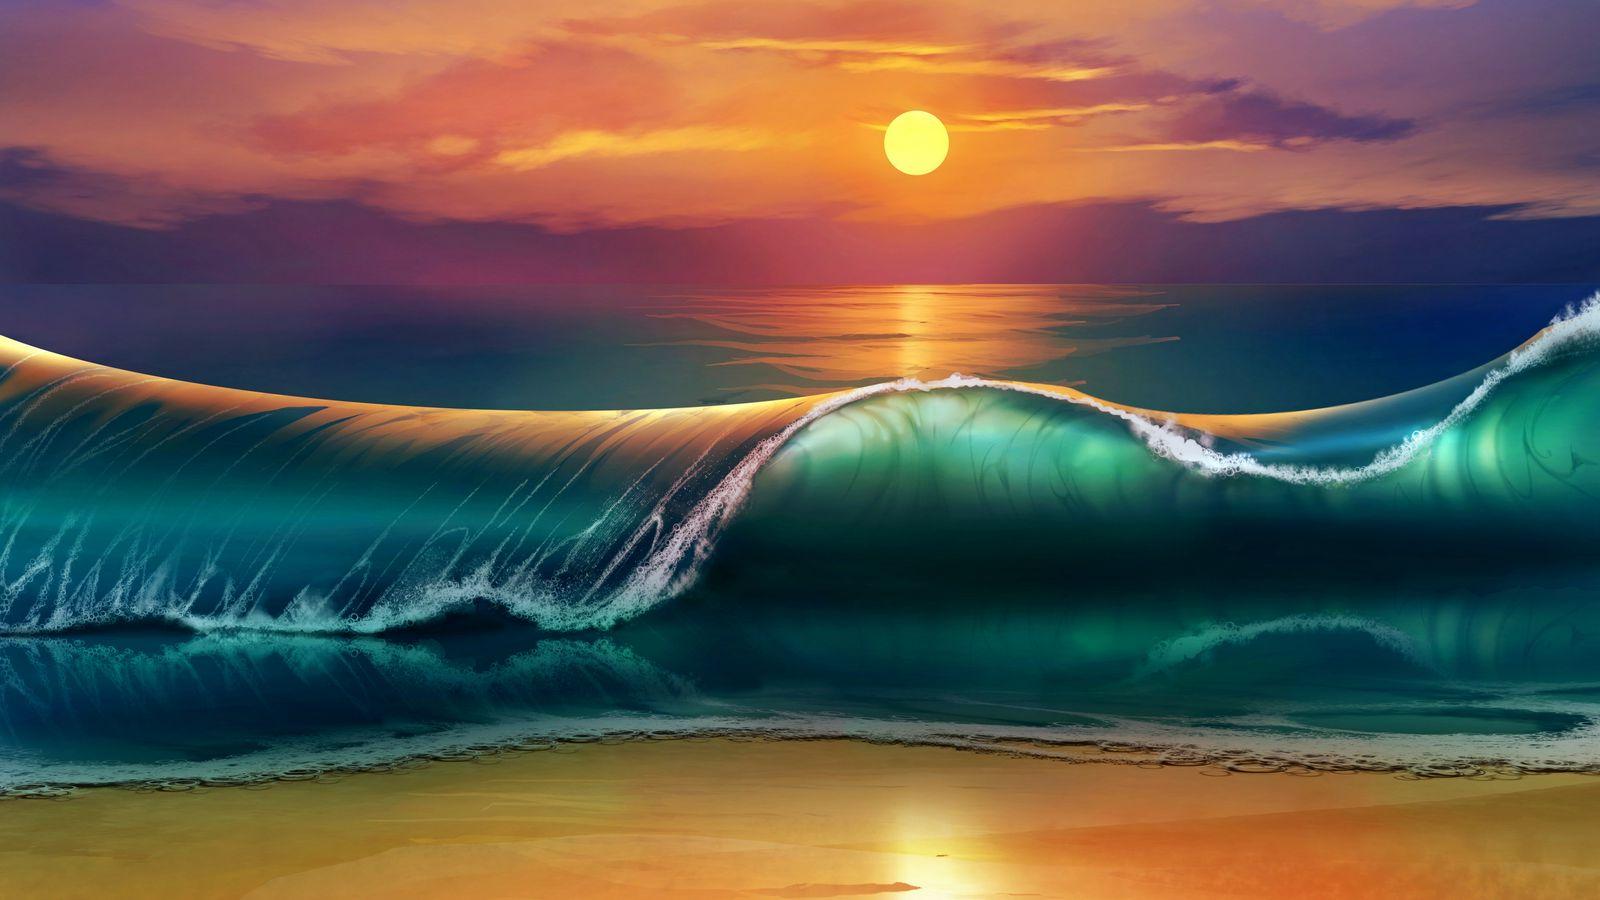 1600x900 Wallpaper art, sunset, beach, sea, waves